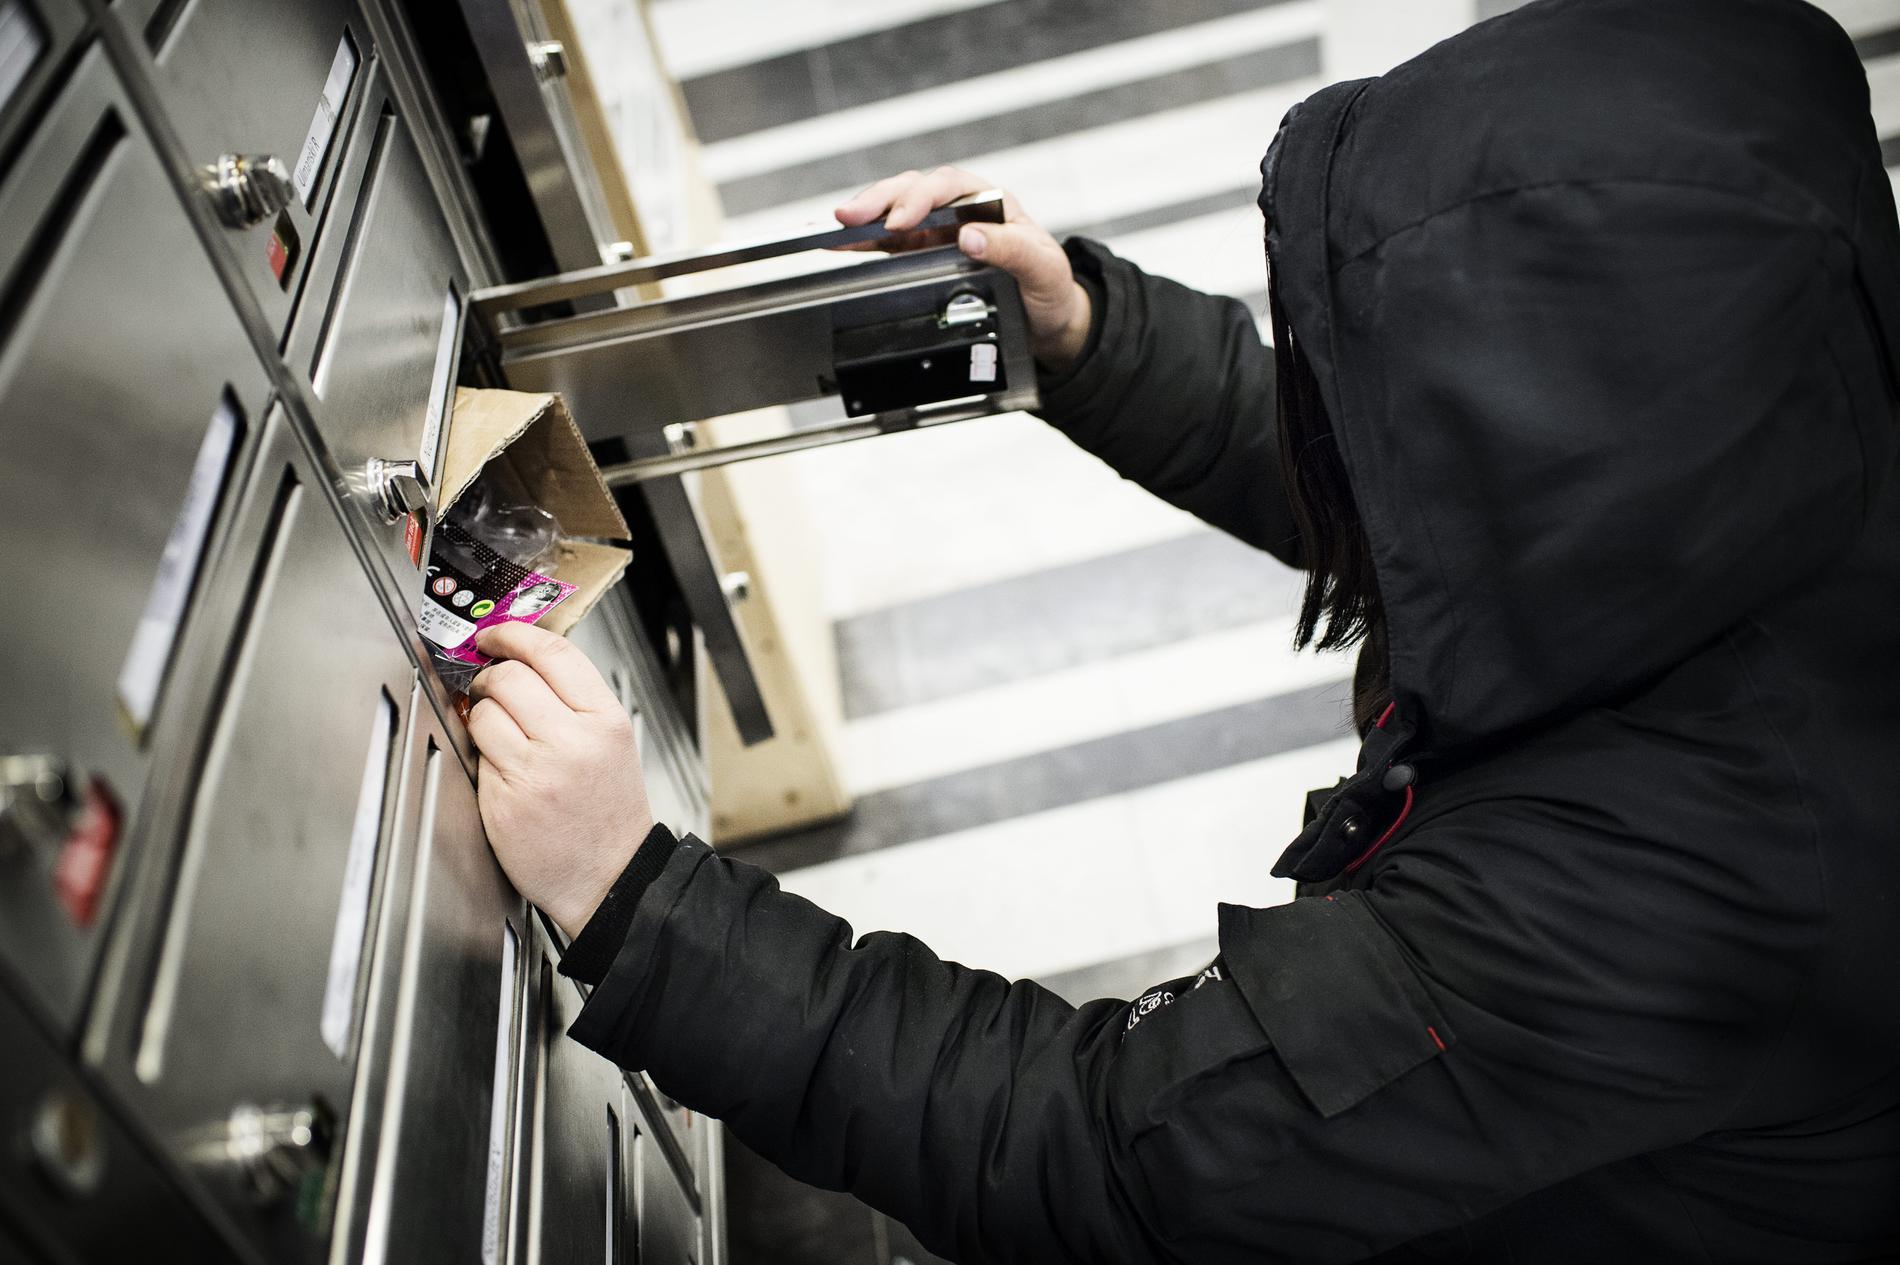 Bedragare vittjar gärna brevlådor under semestern. Via information i posten kan man komma över uppgifter som gör det lätt att kapa offrets identitet.